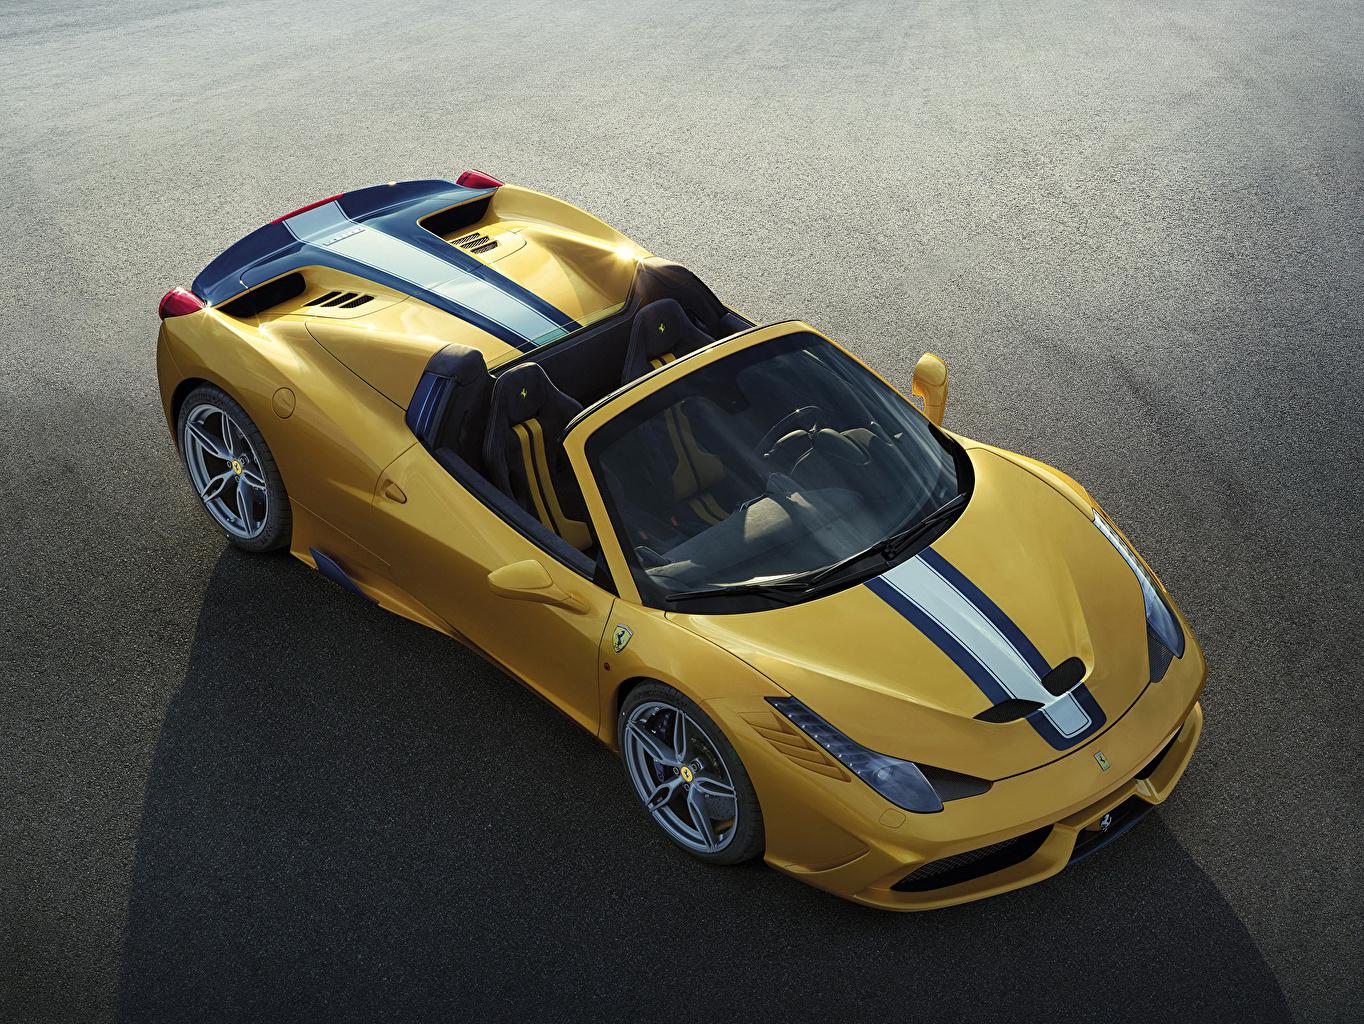 Картинка Феррари Стайлинг 2014 458 Italia Speciale A кабриолета желтых авто Сверху Ferrari Тюнинг Кабриолет Желтый желтые желтая машина машины автомобиль Автомобили